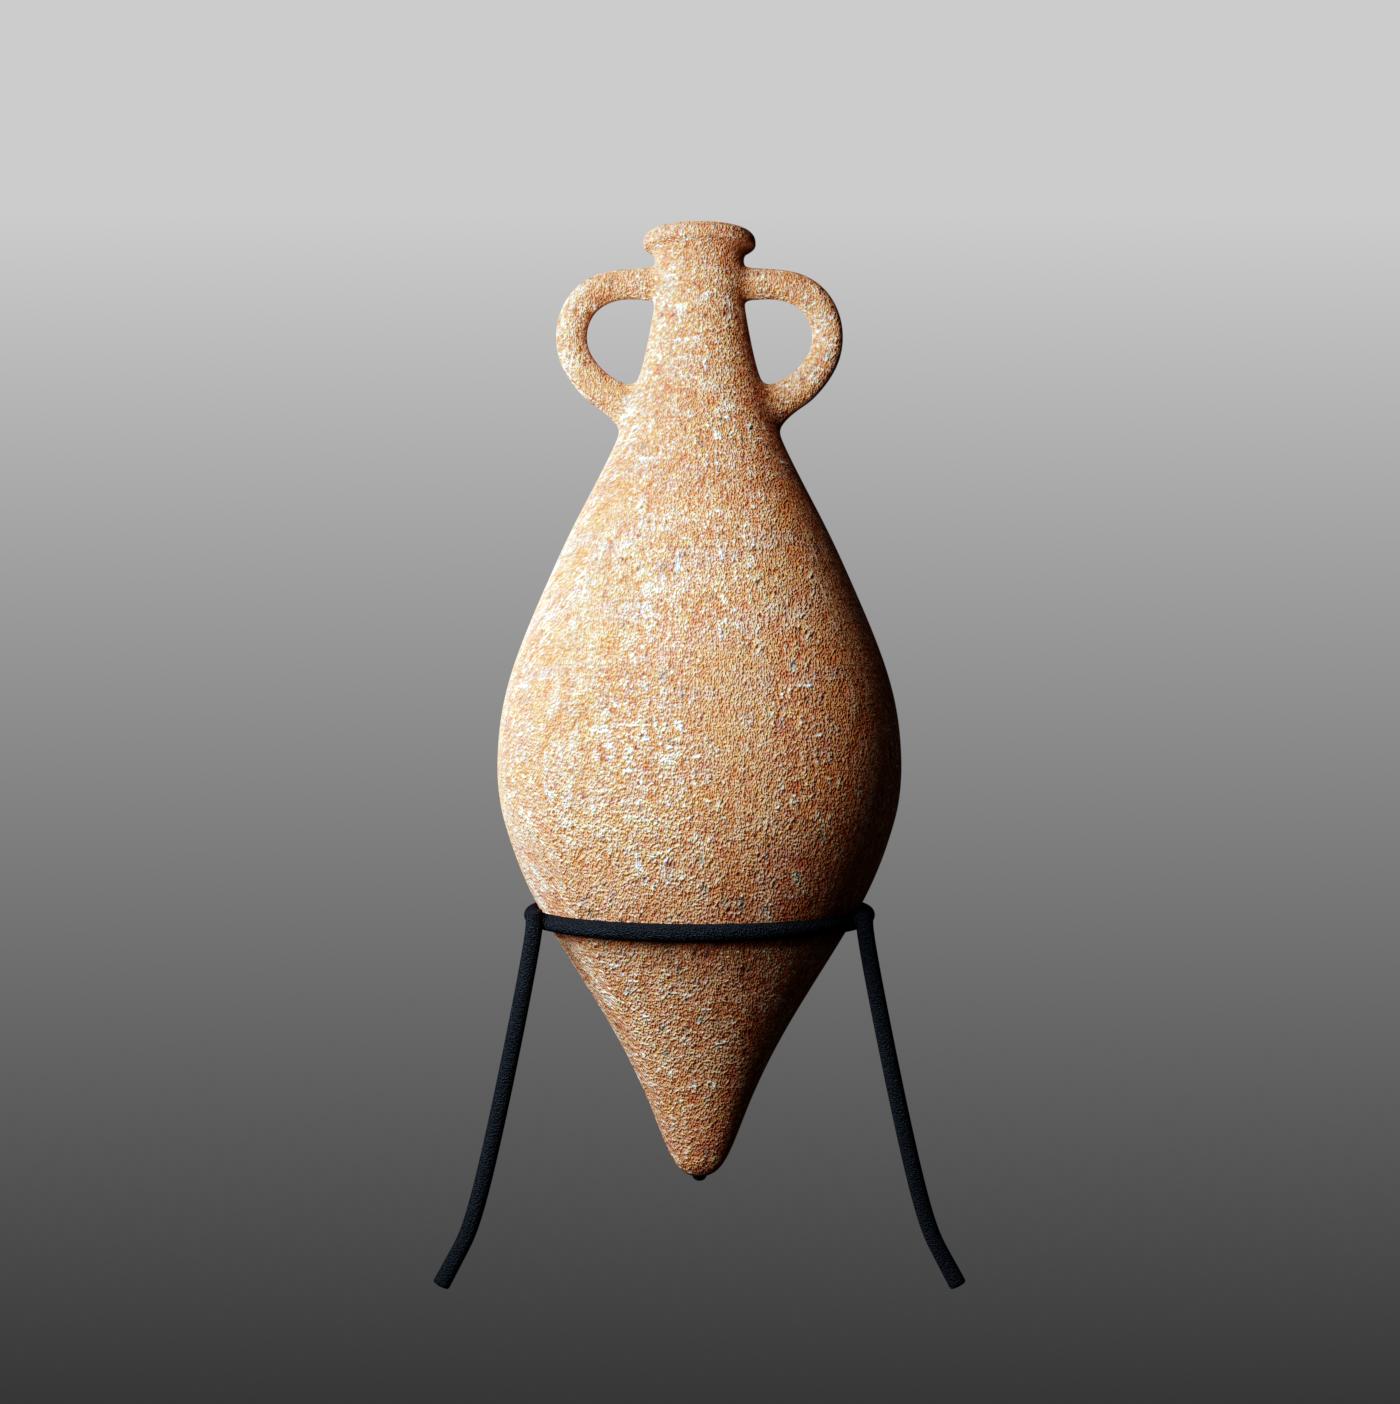 Ibiza Amphora 1.0f 3D Blender model